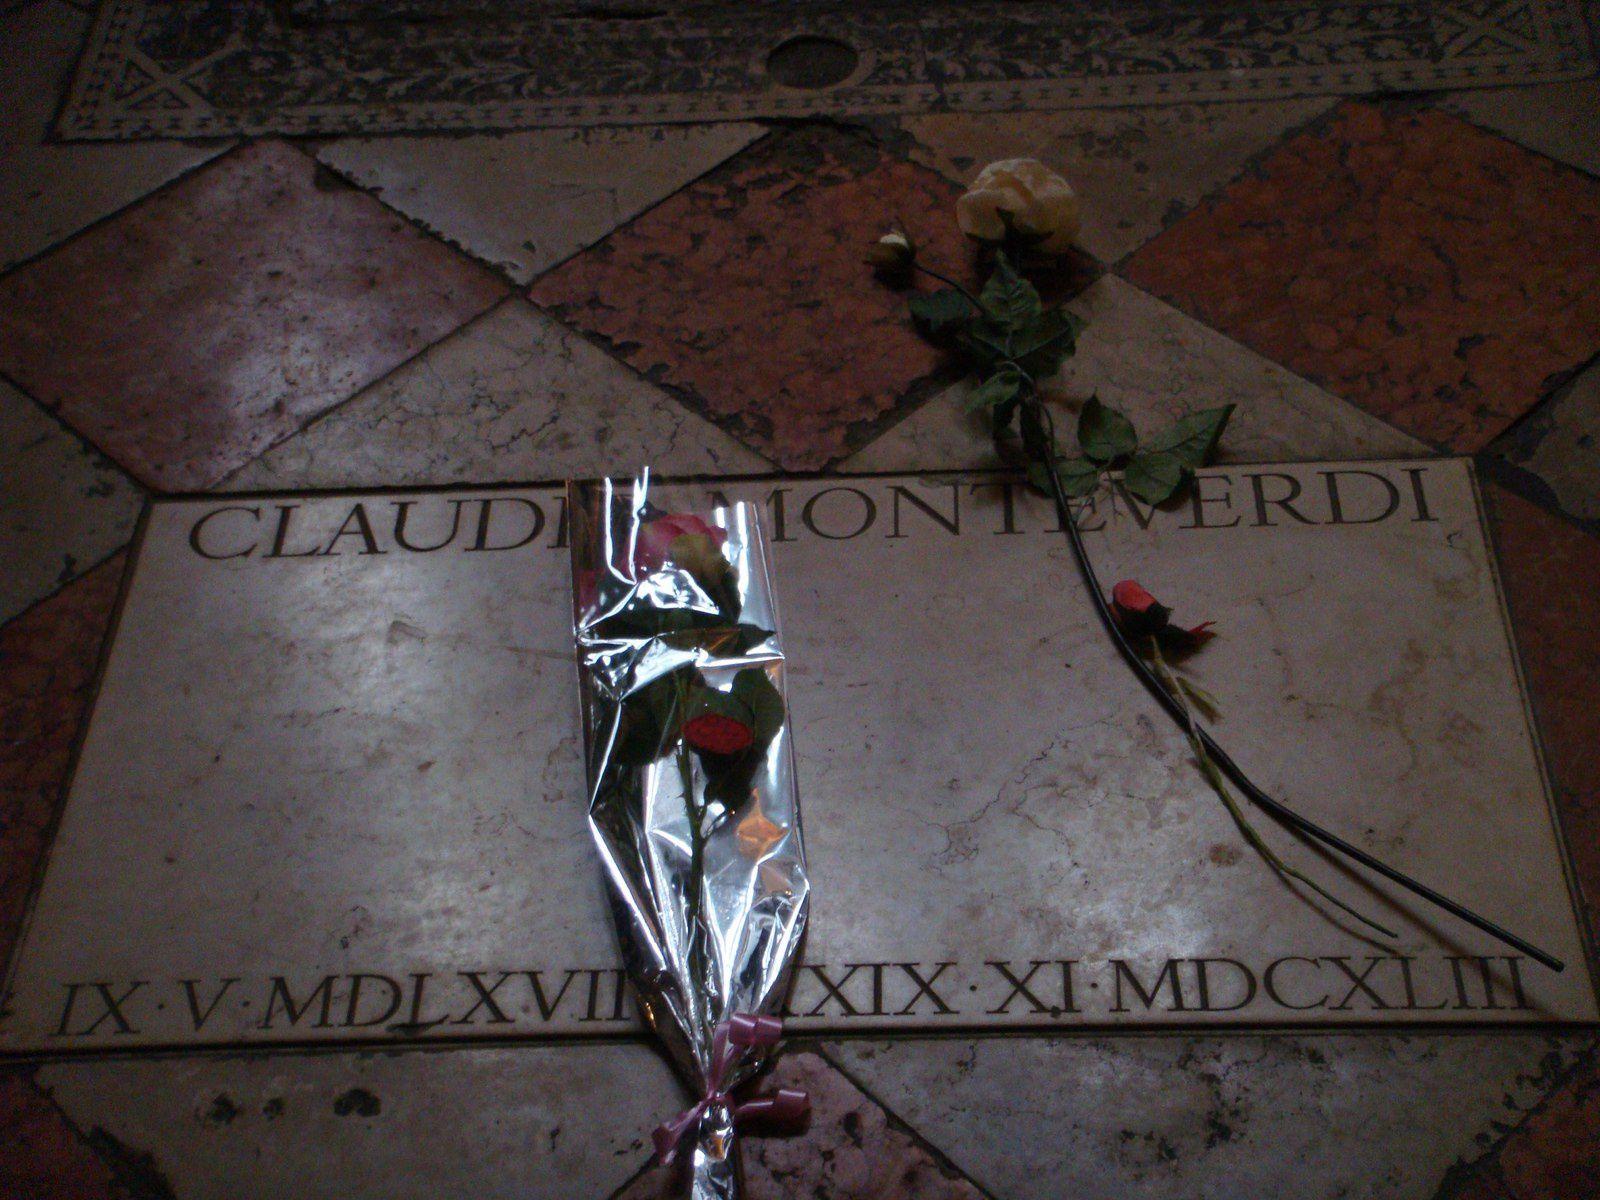 En ce jour du souvenir des disparus, quelques tombes pour rappeler leur souvenir...Monteverdi